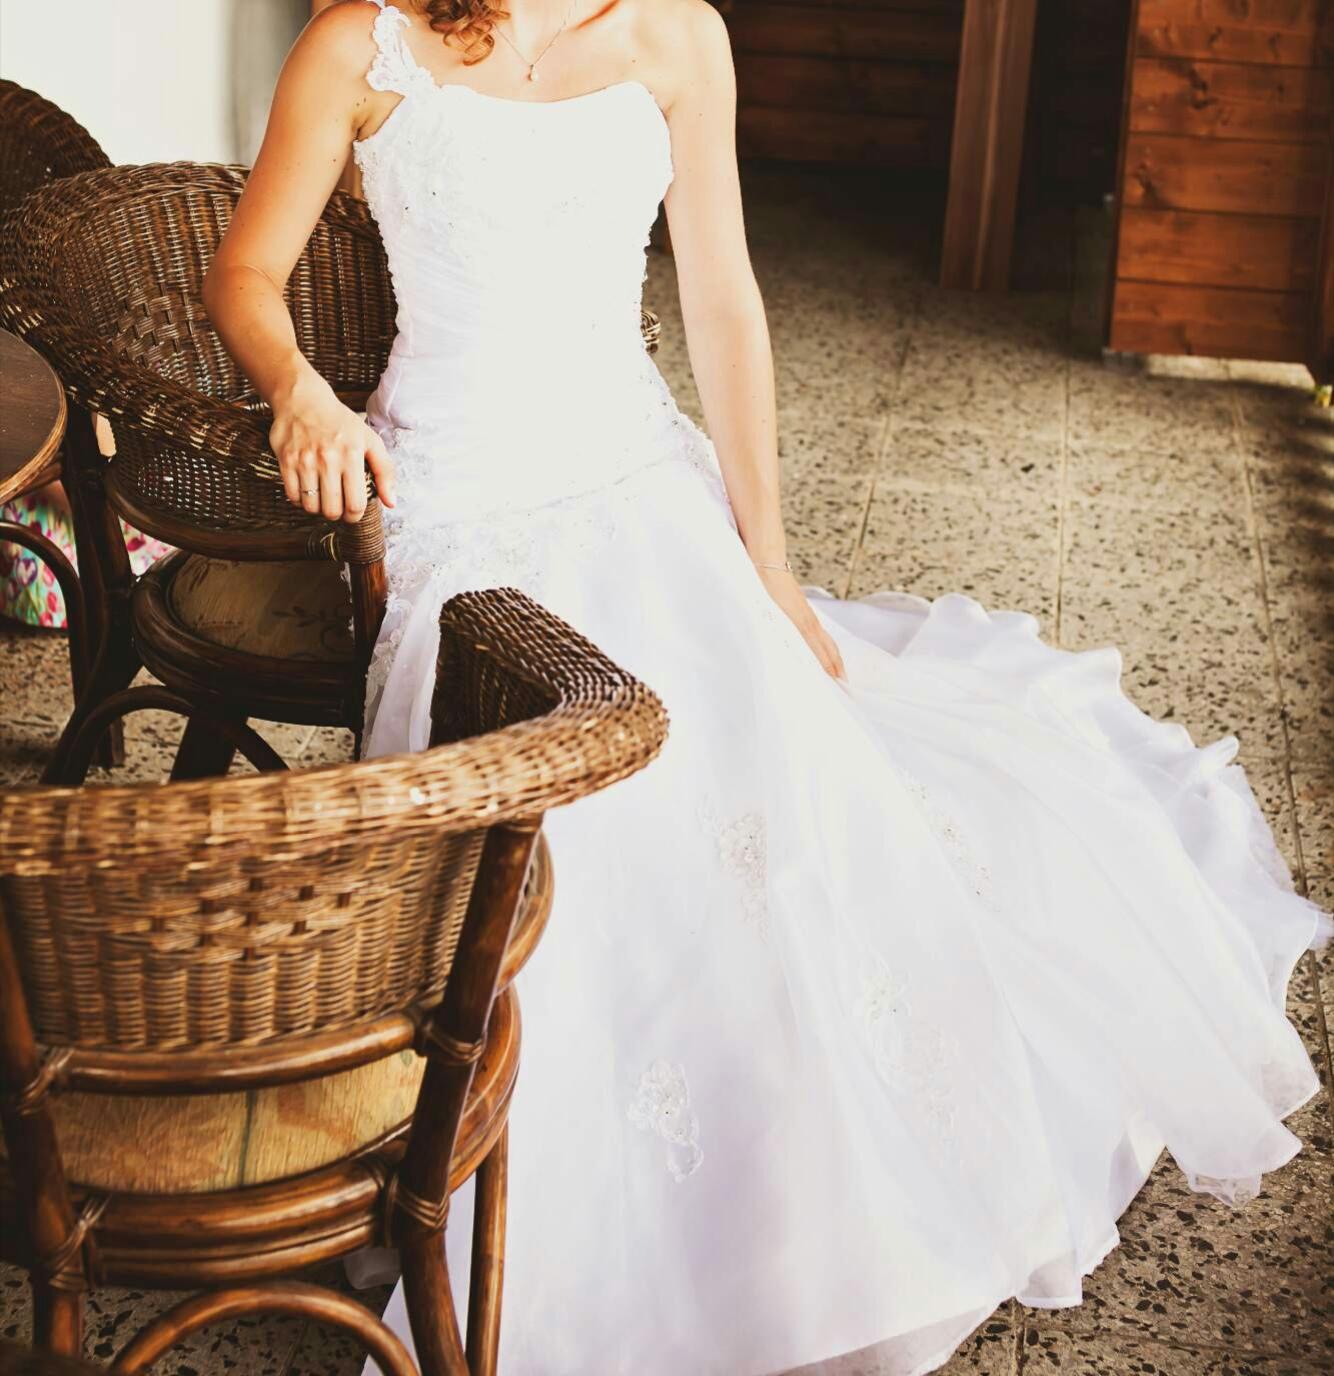 Krajkové šaty vel. 34 - 36 s dlouhou vlečkou - Obrázek č. 1